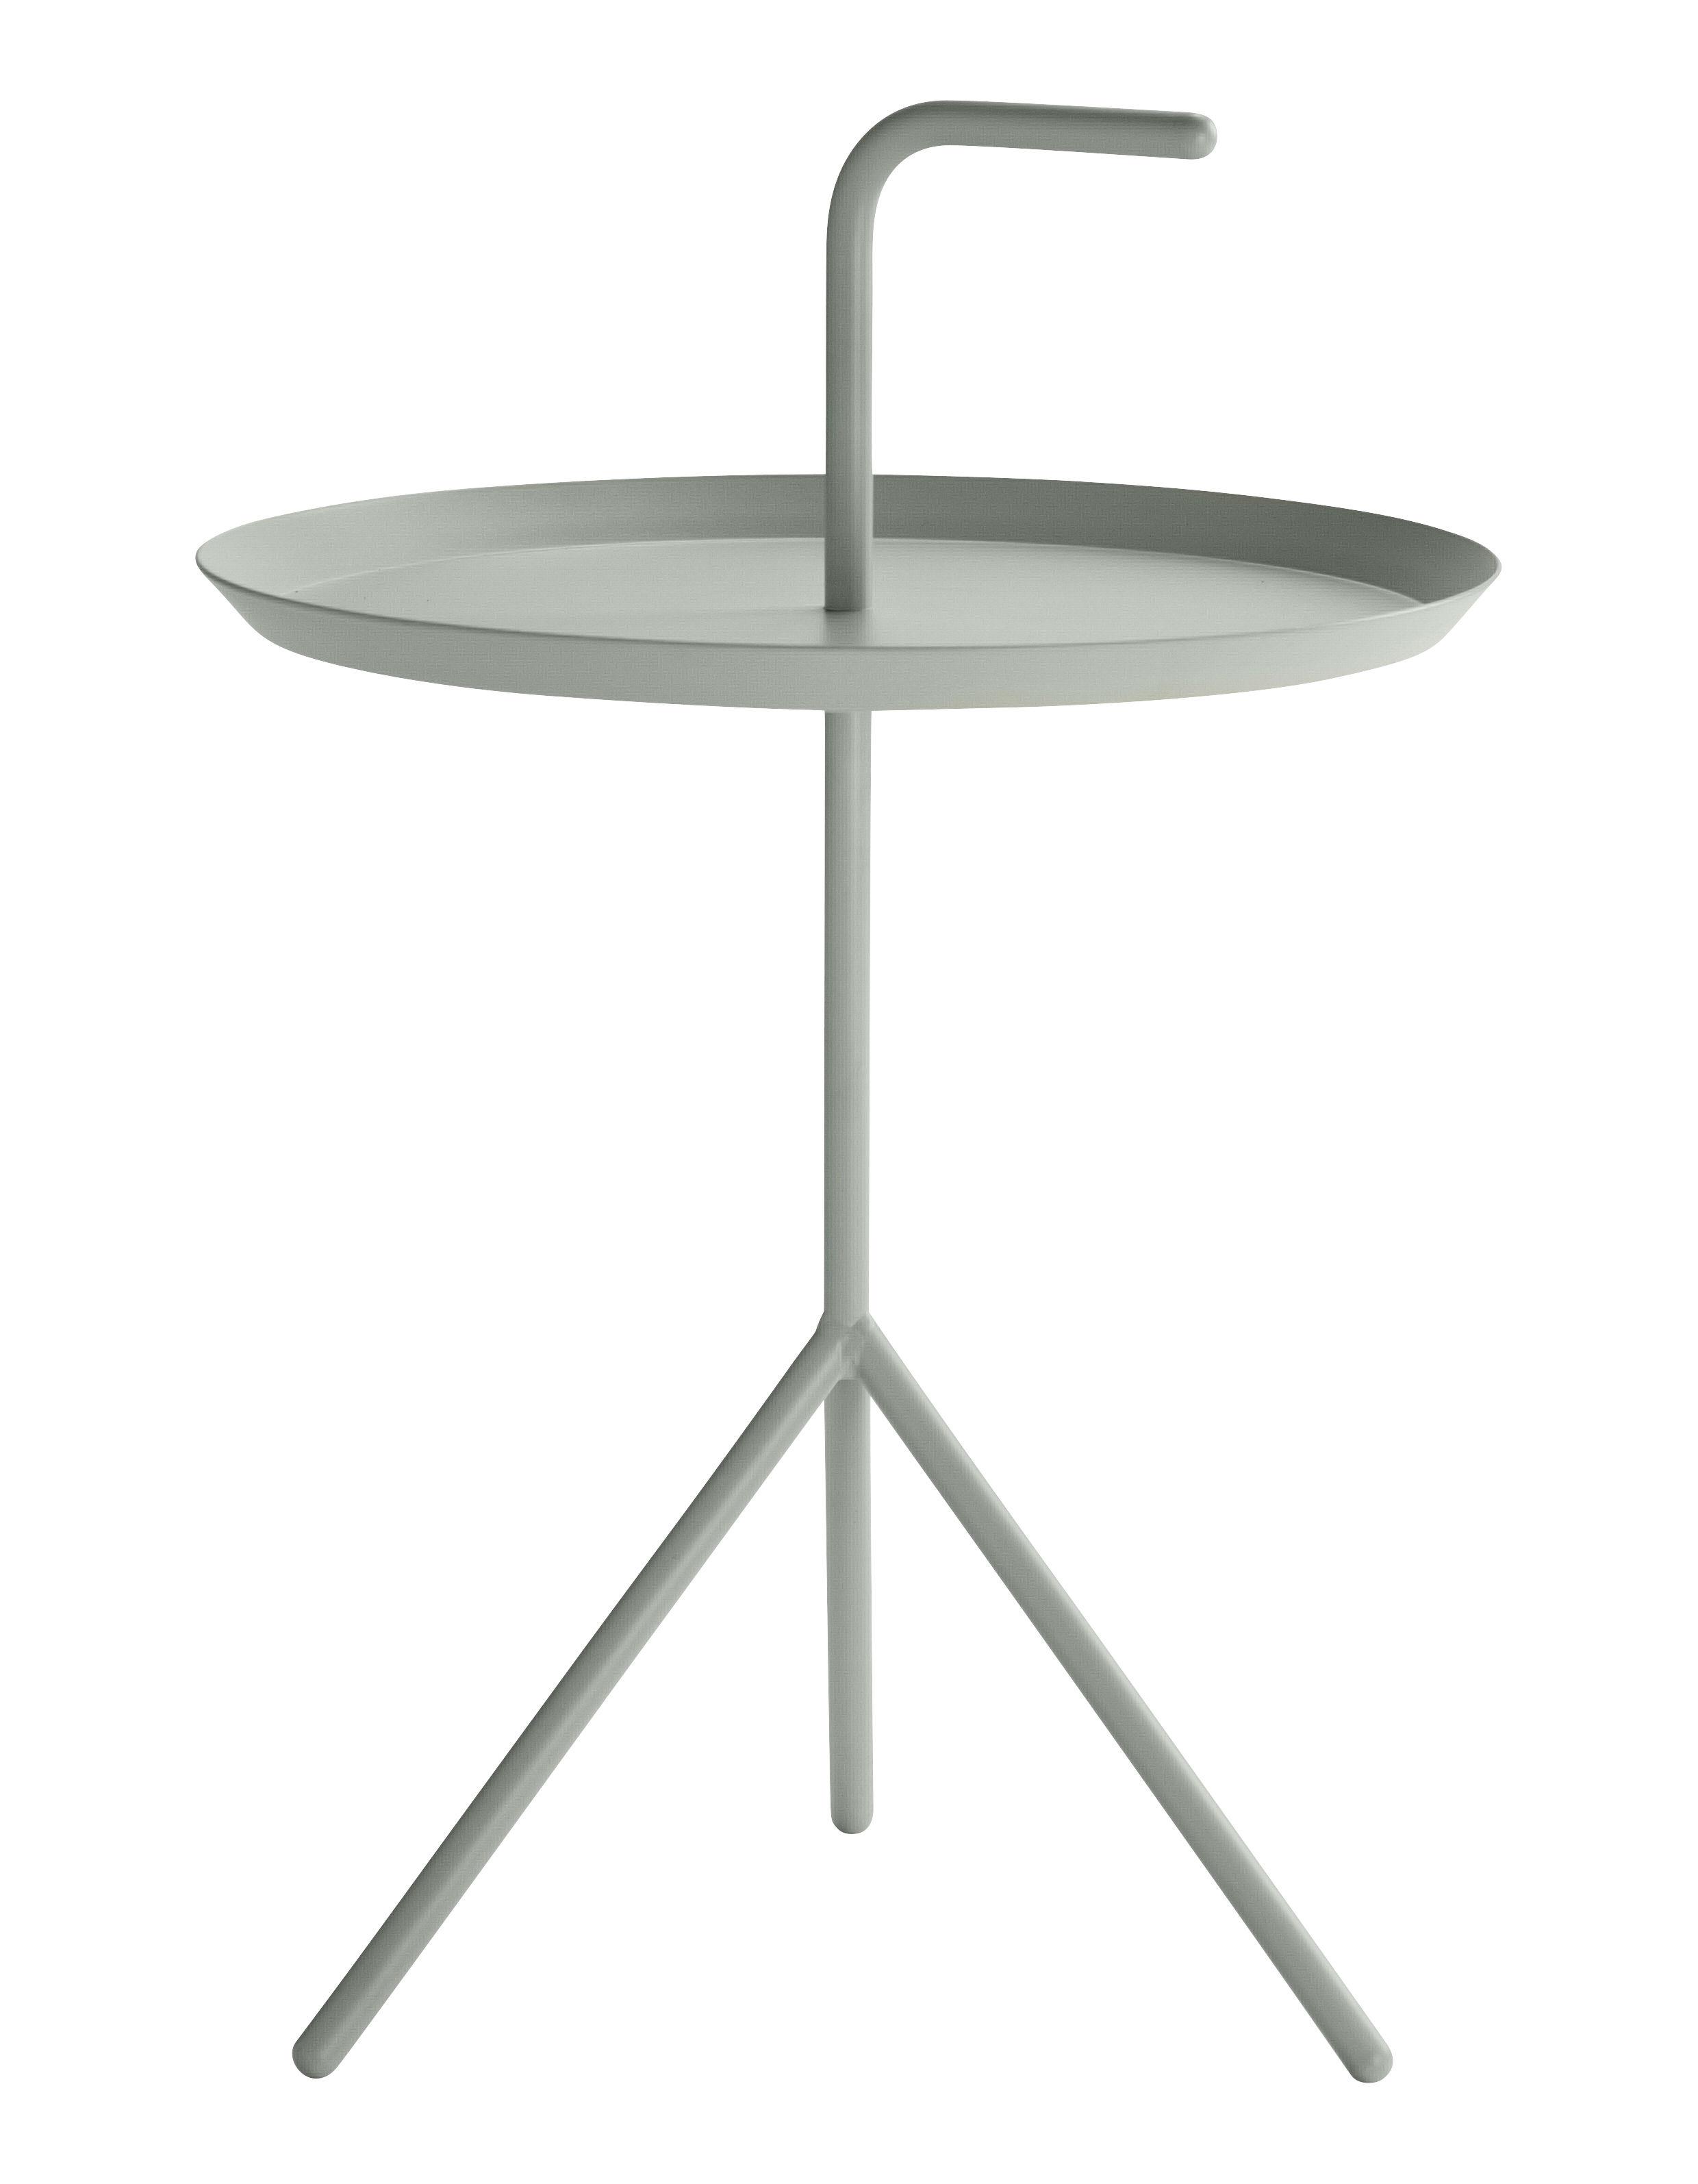 Table basse qui souvre argenteuil 19 - Table de jardin walmart argenteuil ...